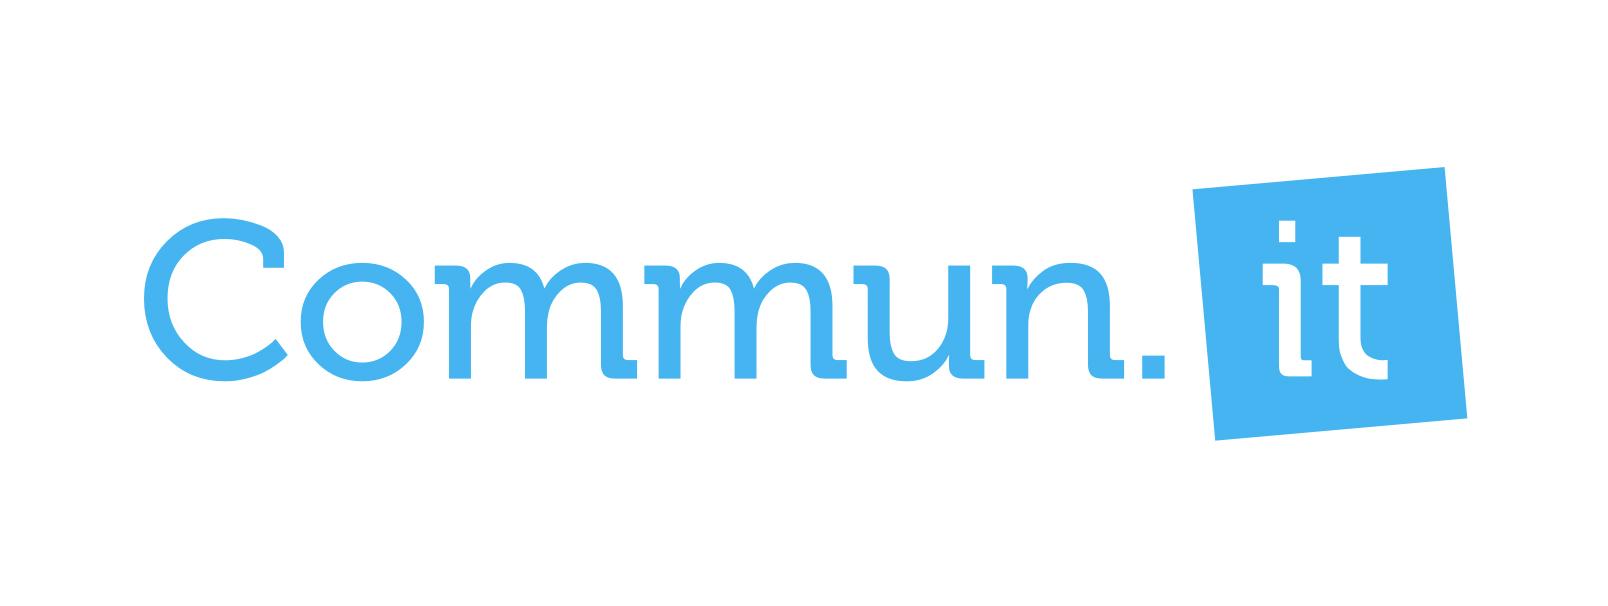 commun.it reviews